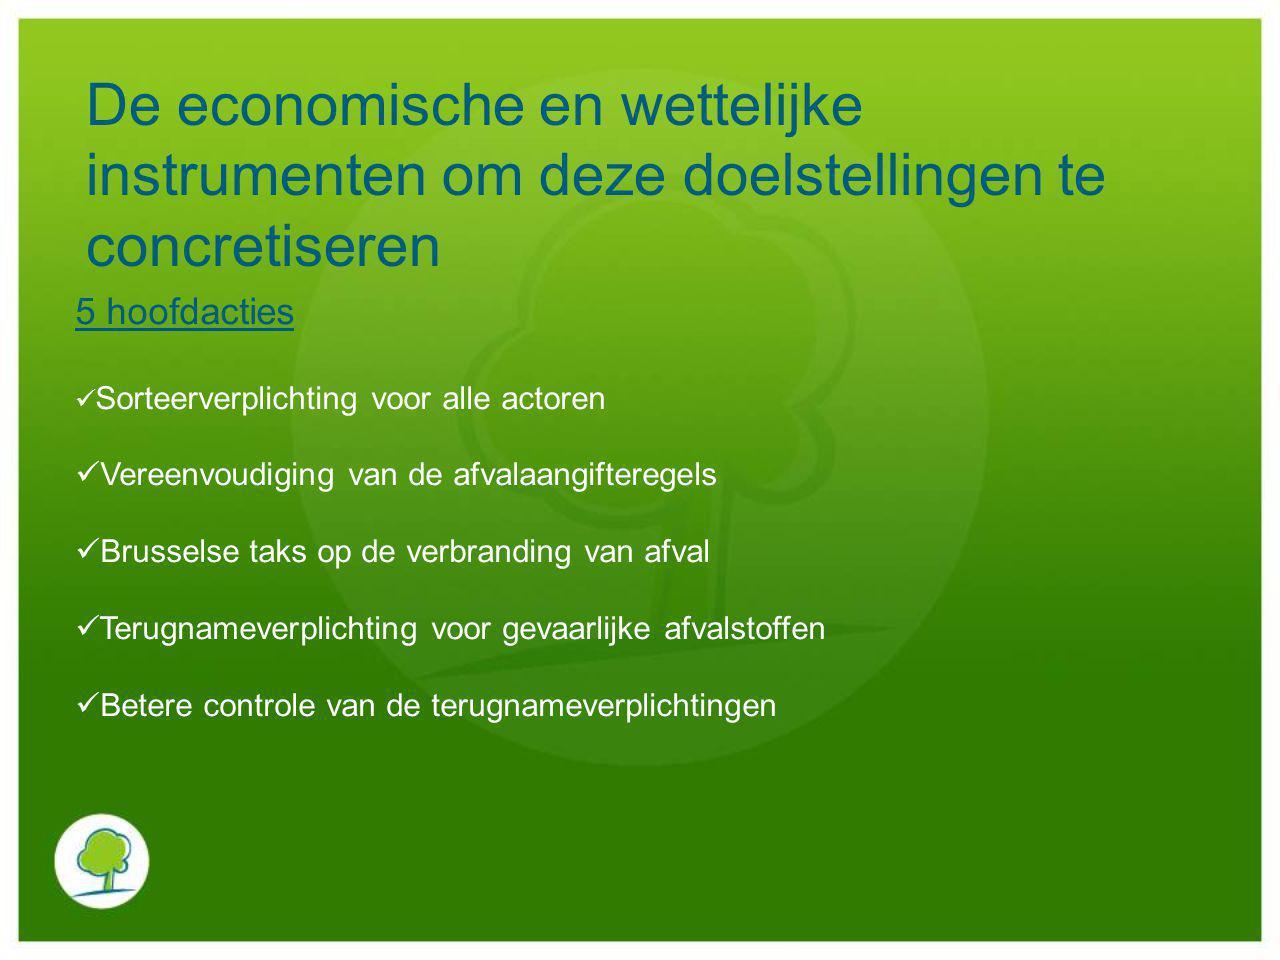 De economische en wettelijke instrumenten om deze doelstellingen te concretiseren 5 hoofdacties Sorteerverplichting voor alle actoren Vereenvoudiging van de afvalaangifteregels Brusselse taks op de verbranding van afval Terugnameverplichting voor gevaarlijke afvalstoffen Betere controle van de terugnameverplichtingen